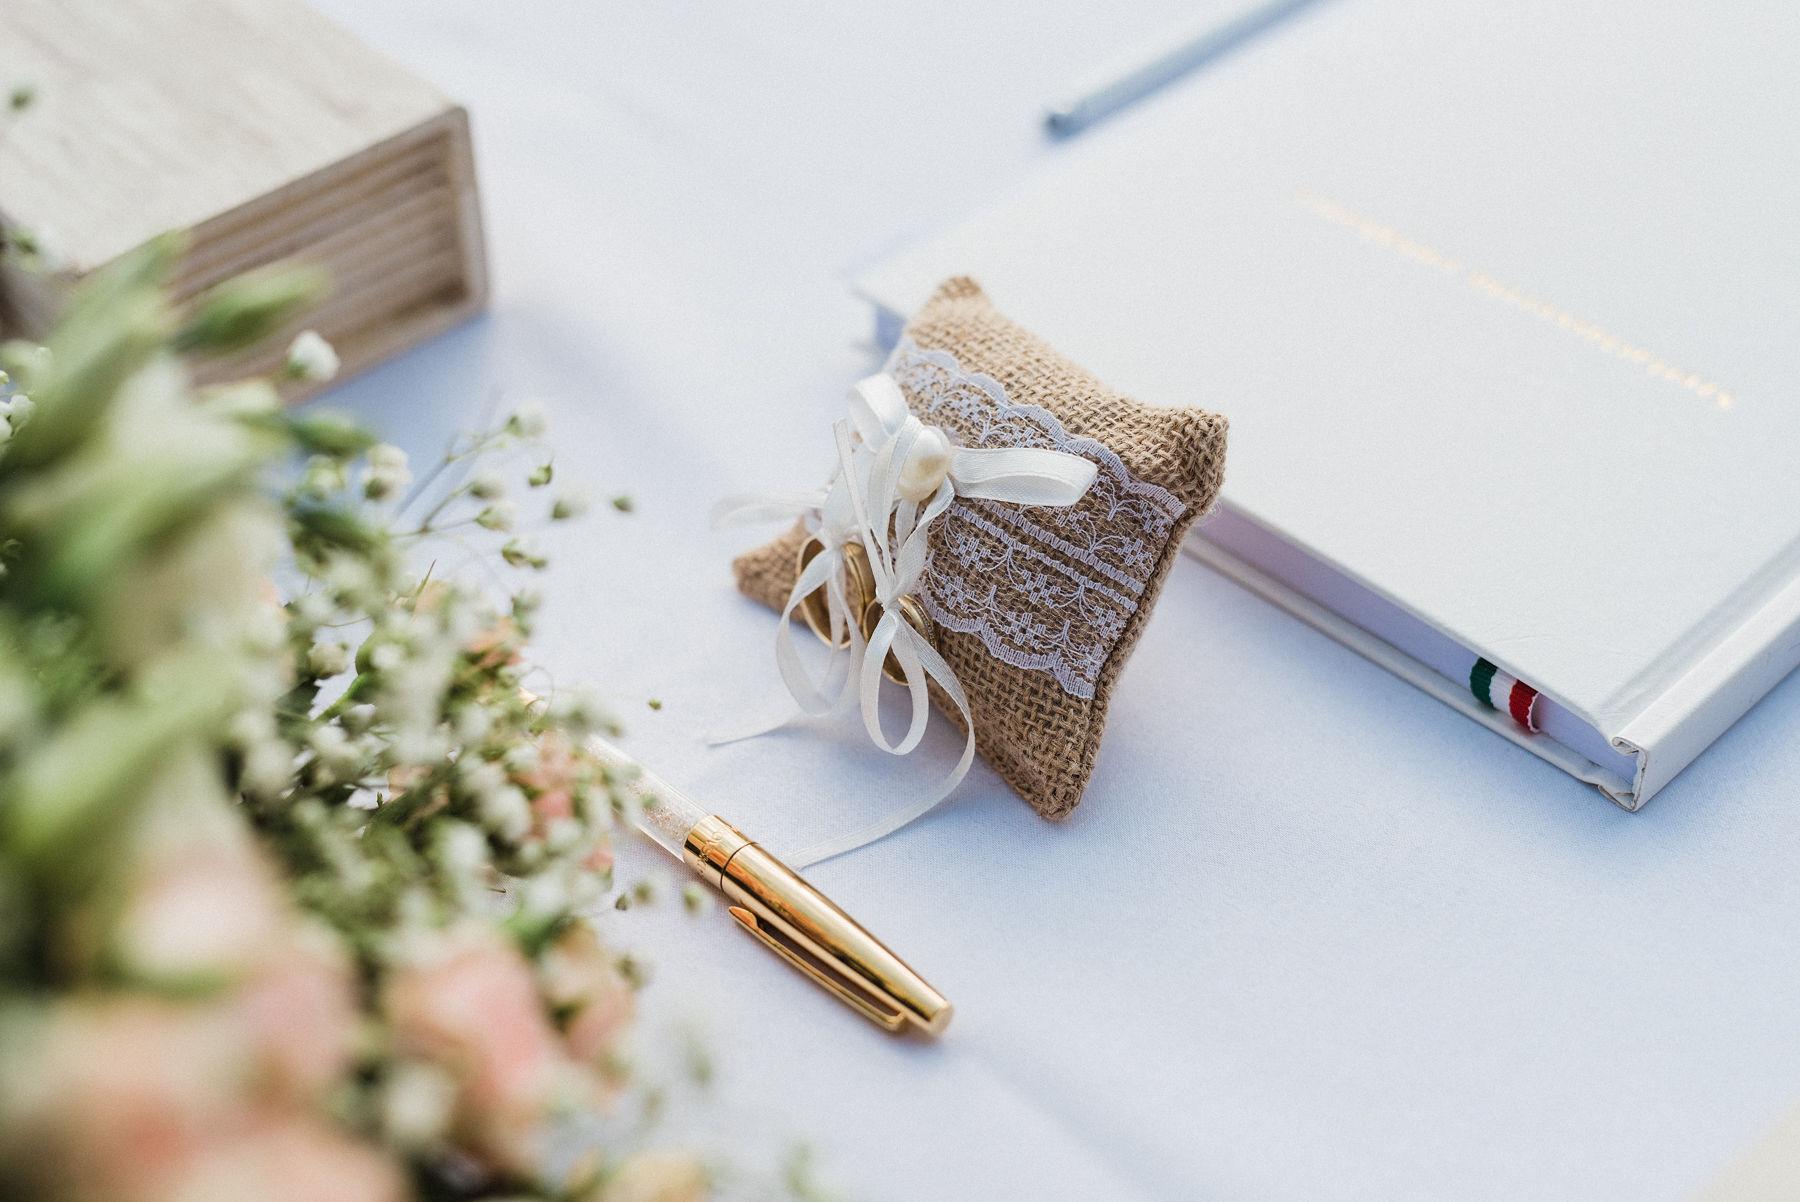 Brigi & Laci napsütötte, romantikus esküvője 2021.09.04. Helyszín: Veszprém, Völgyikút Ház